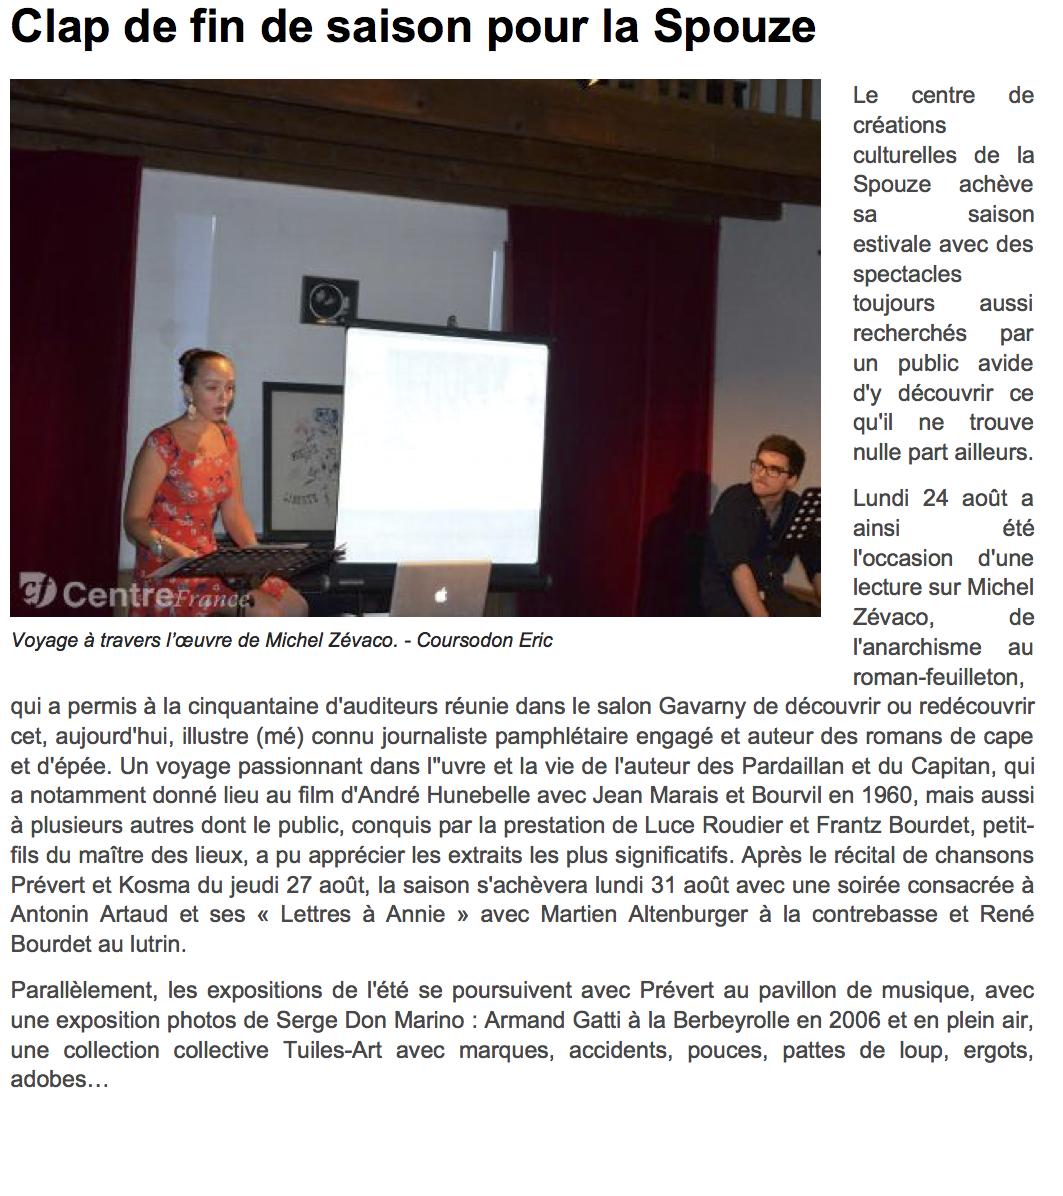 www.lamontagne.fr - Infos locales - CEL...- Clap de fin de saison pour la Spouze